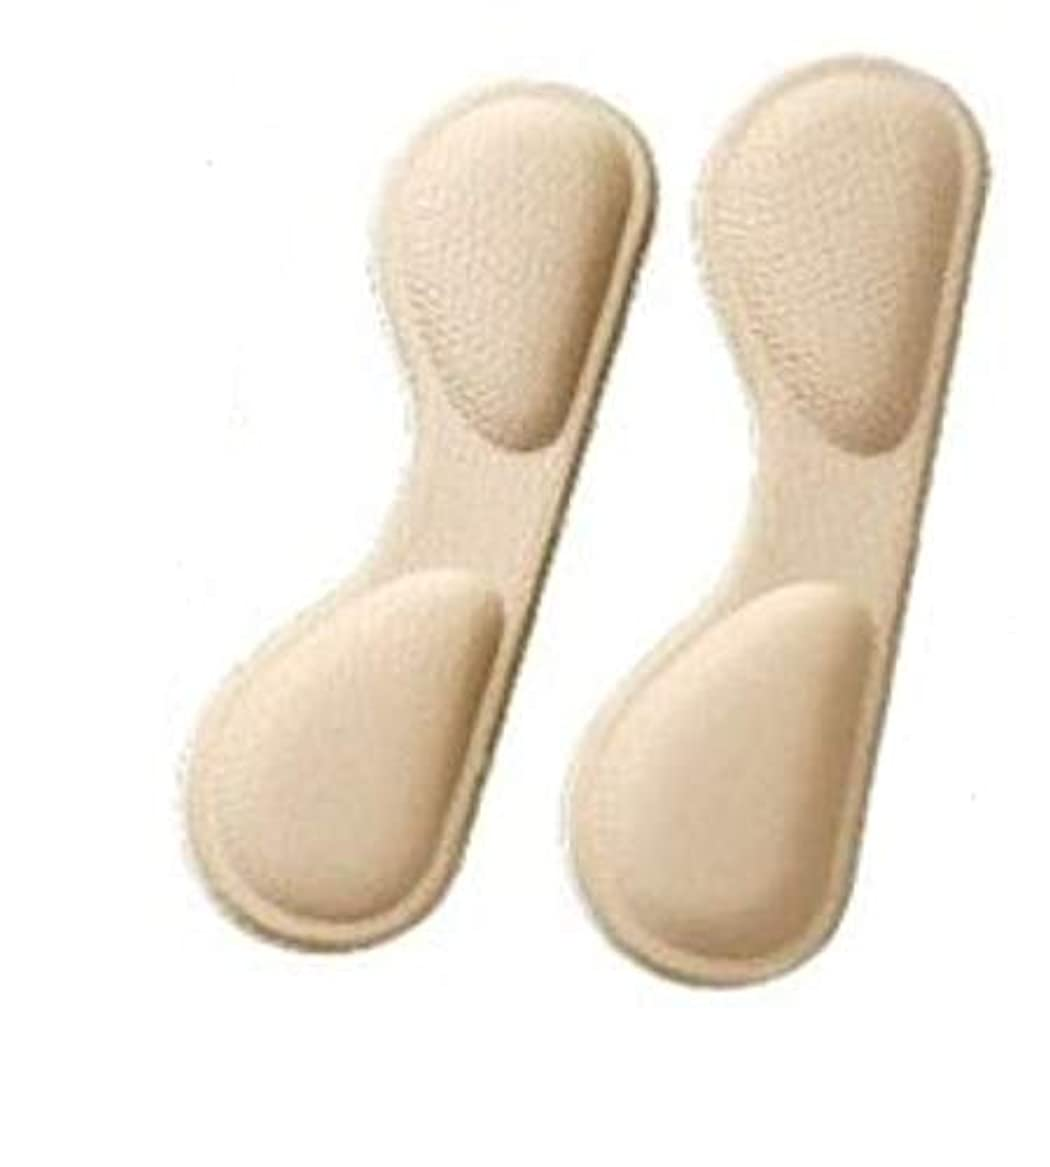 北東火山の小人送料無料!WONDER LABO》やわらか 靴ずれ防止パッド 靴 かかと 脱げ 防止 踵 ヒール 柔らか素材 フットケア シューズケア インソール サポーター 肉厚 パカパカ 靴擦れ 防止パット (ベージュ)